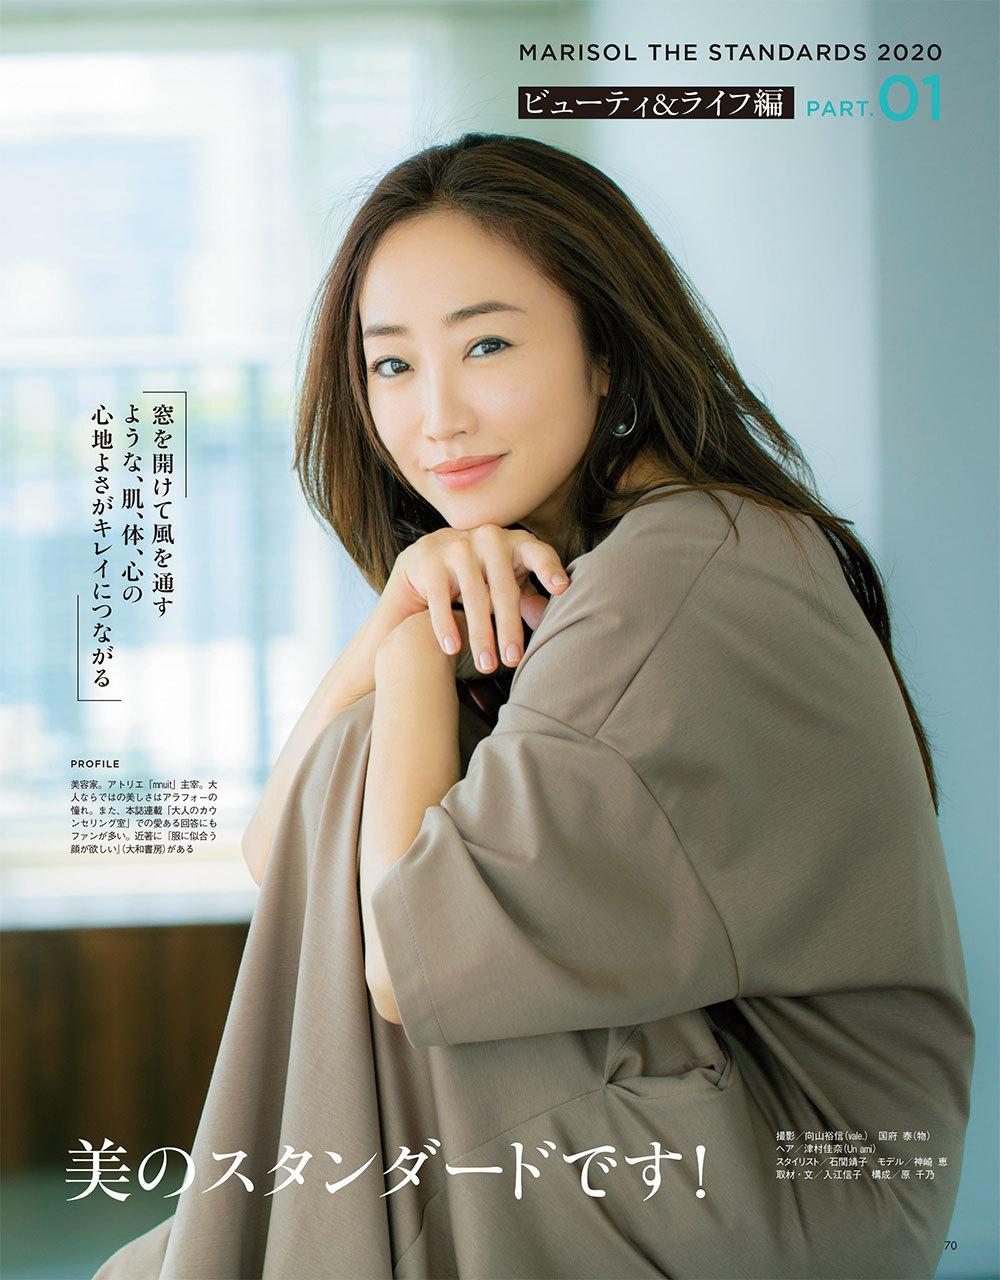 神崎恵・これからは、「換気美容」が美のスタンダードです!